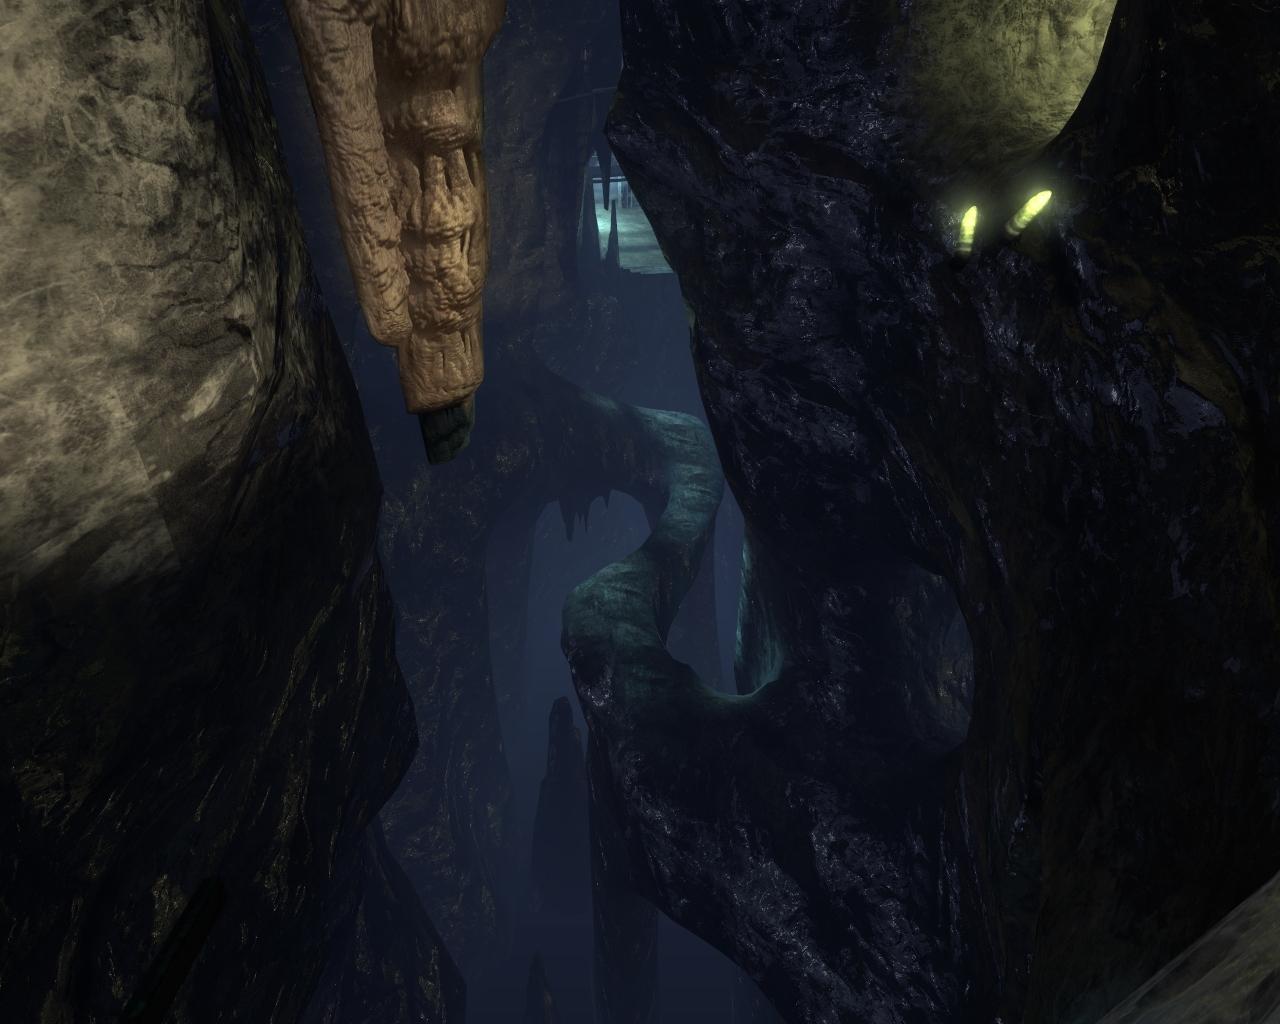 ep2_outland_030078.jpg - Half-Life 2